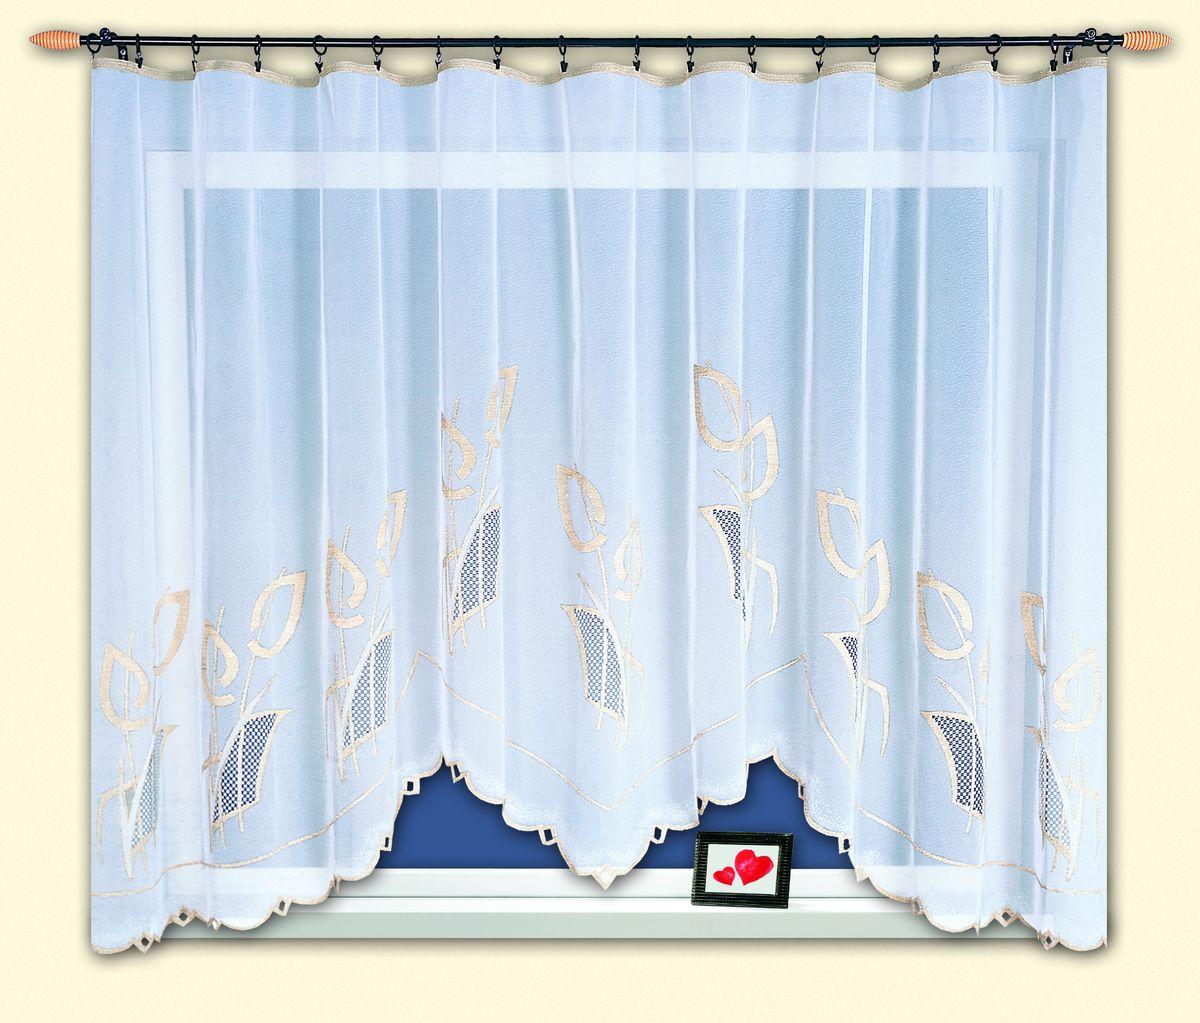 Гардина Haft Magia Wzorow, на ленте, цвет: белый, бежевый, высота 150 см. 33910/15033910/150Гардина Haft изготовлена из полиэстера, легкой, тонкой ткани. Изделие украшено оригинальным узором. Гардина оснащена шторной лентой для красивой сборки.Тонкое плетение и оригинальный дизайн привлекут к себе внимание и органично впишутся в интерьер кухни. Оригинальное оформление гардины внесет разнообразие и подарит заряд положительного настроения.